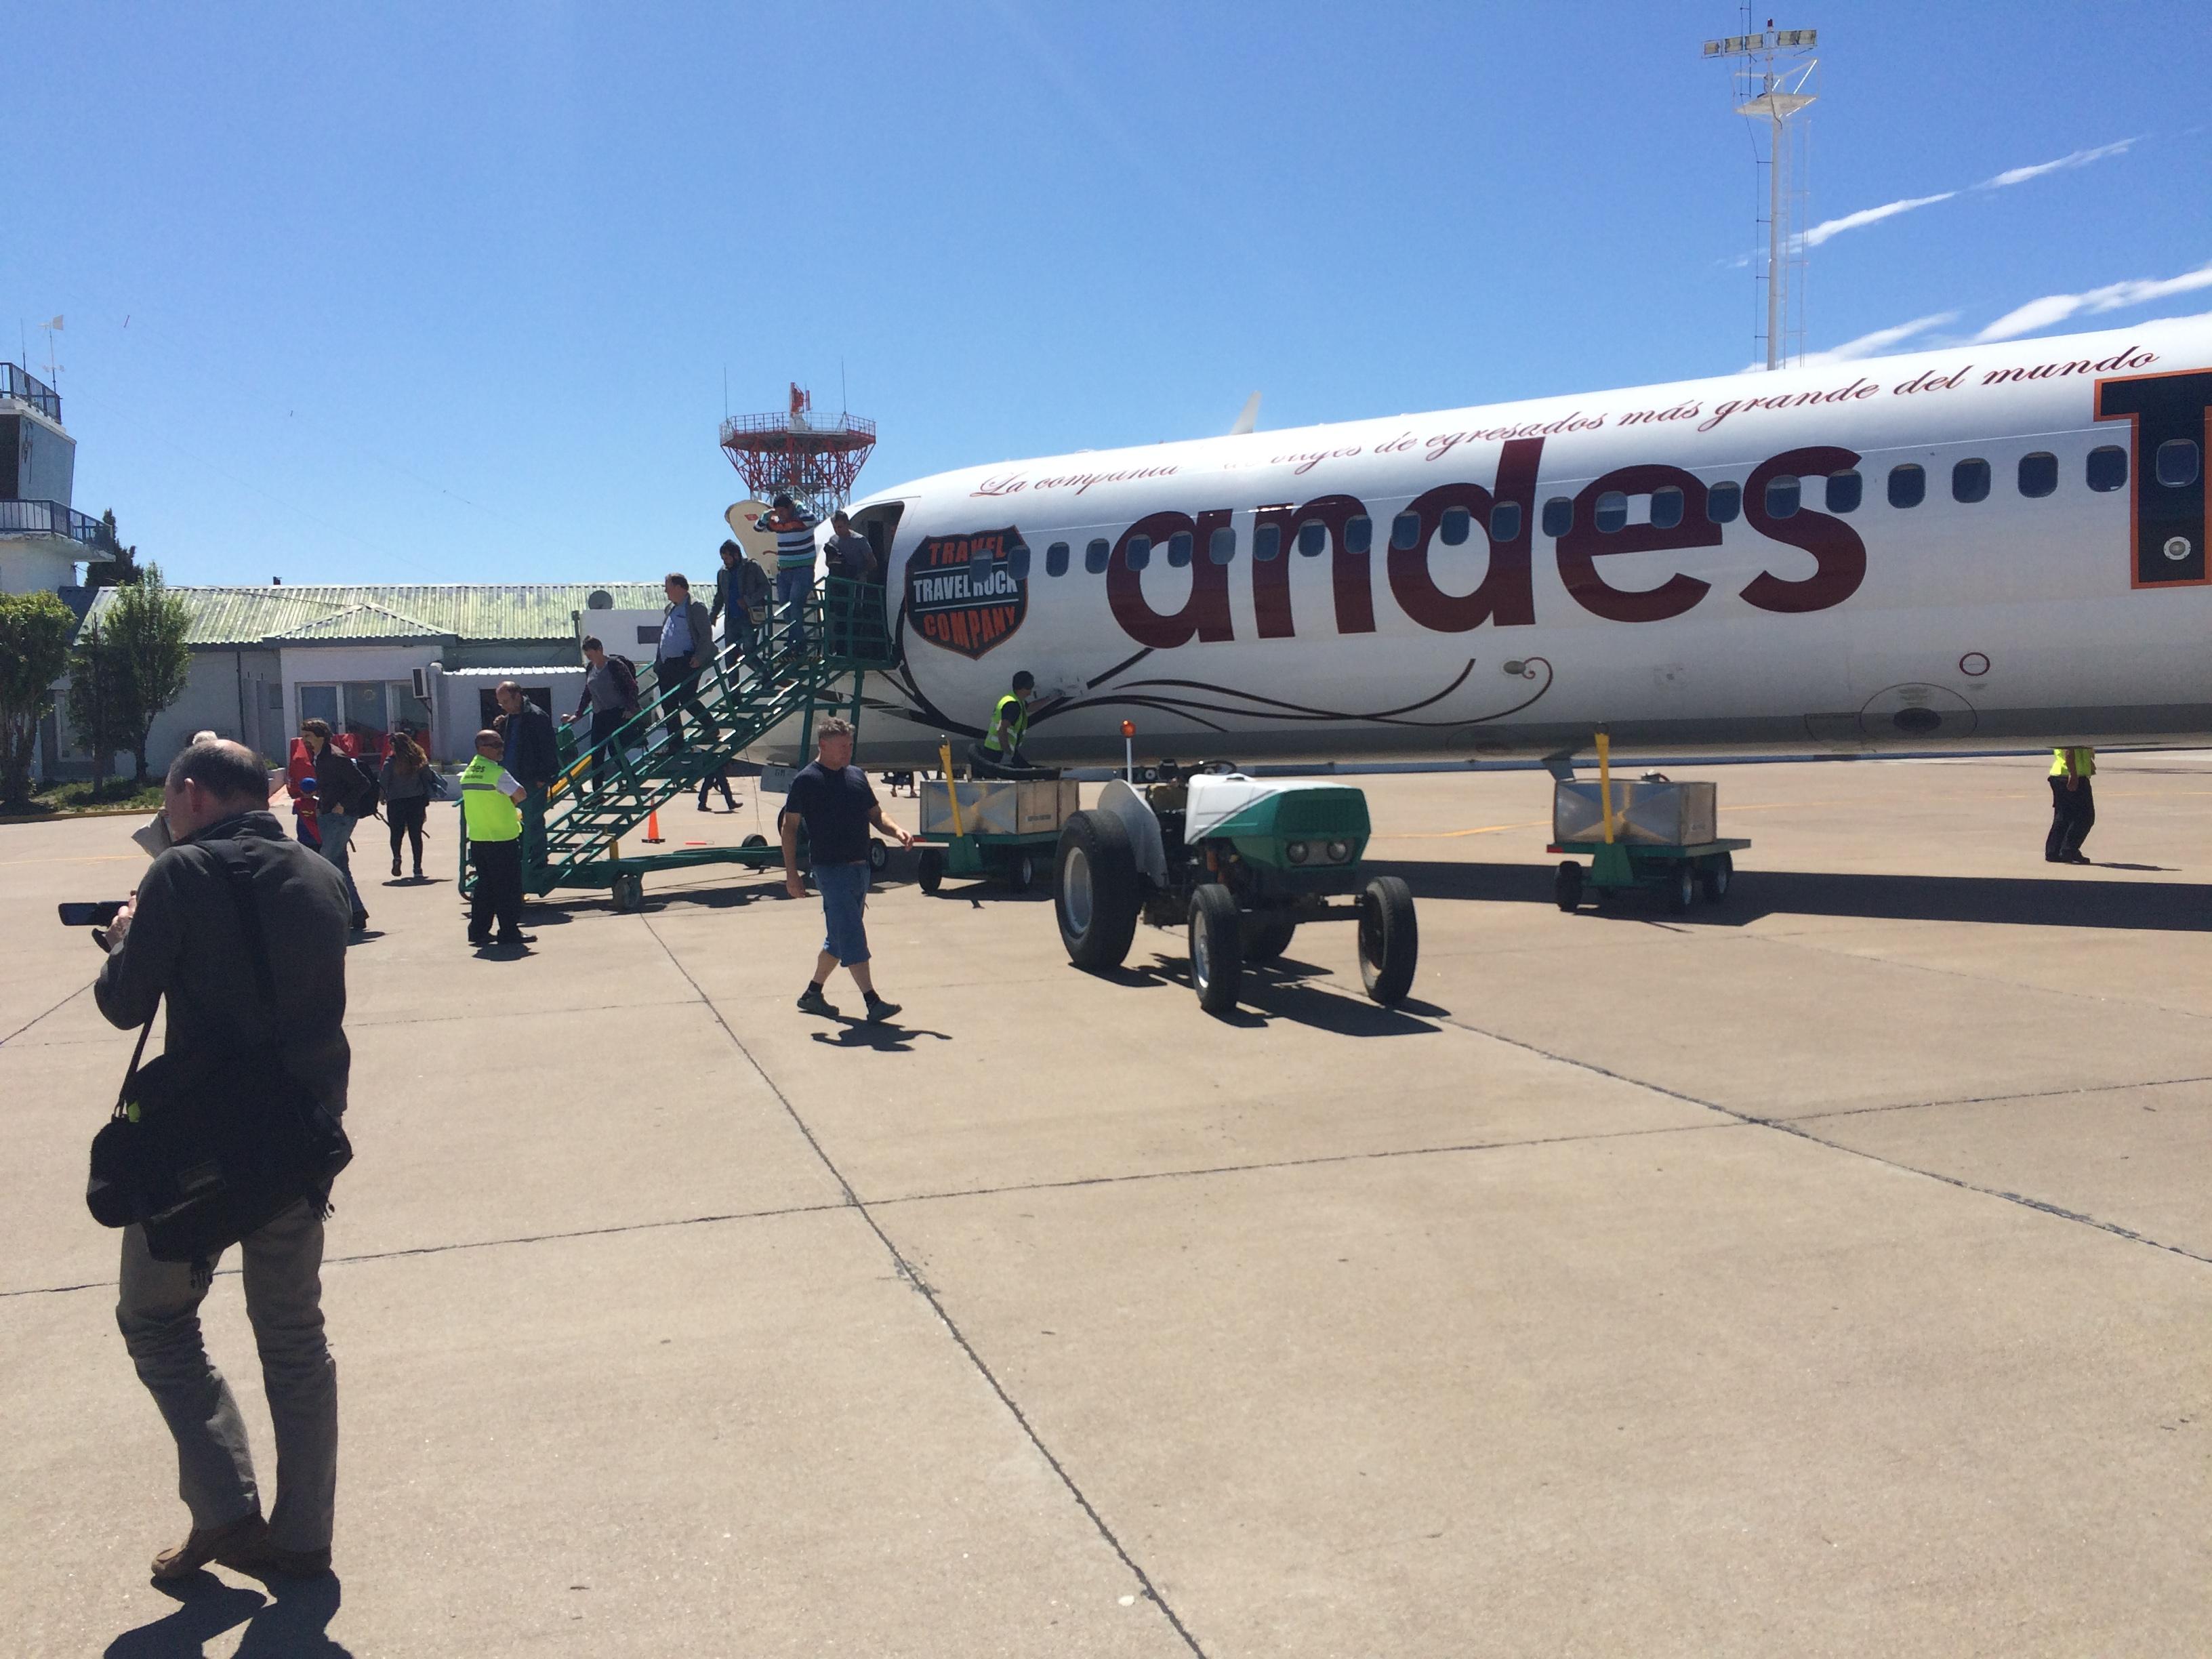 Landing at Puerto Madryn